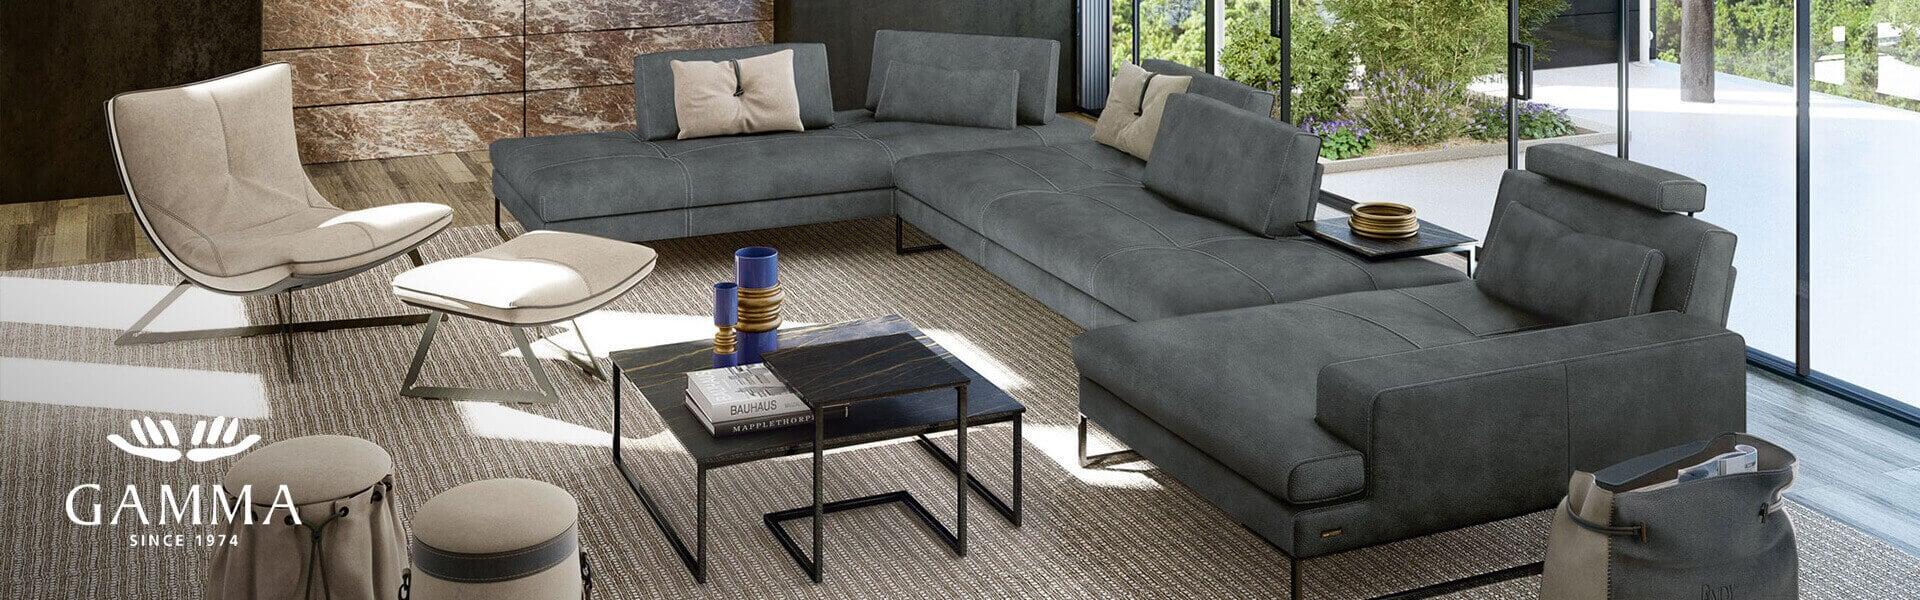 gamma-arredamenti-sofa